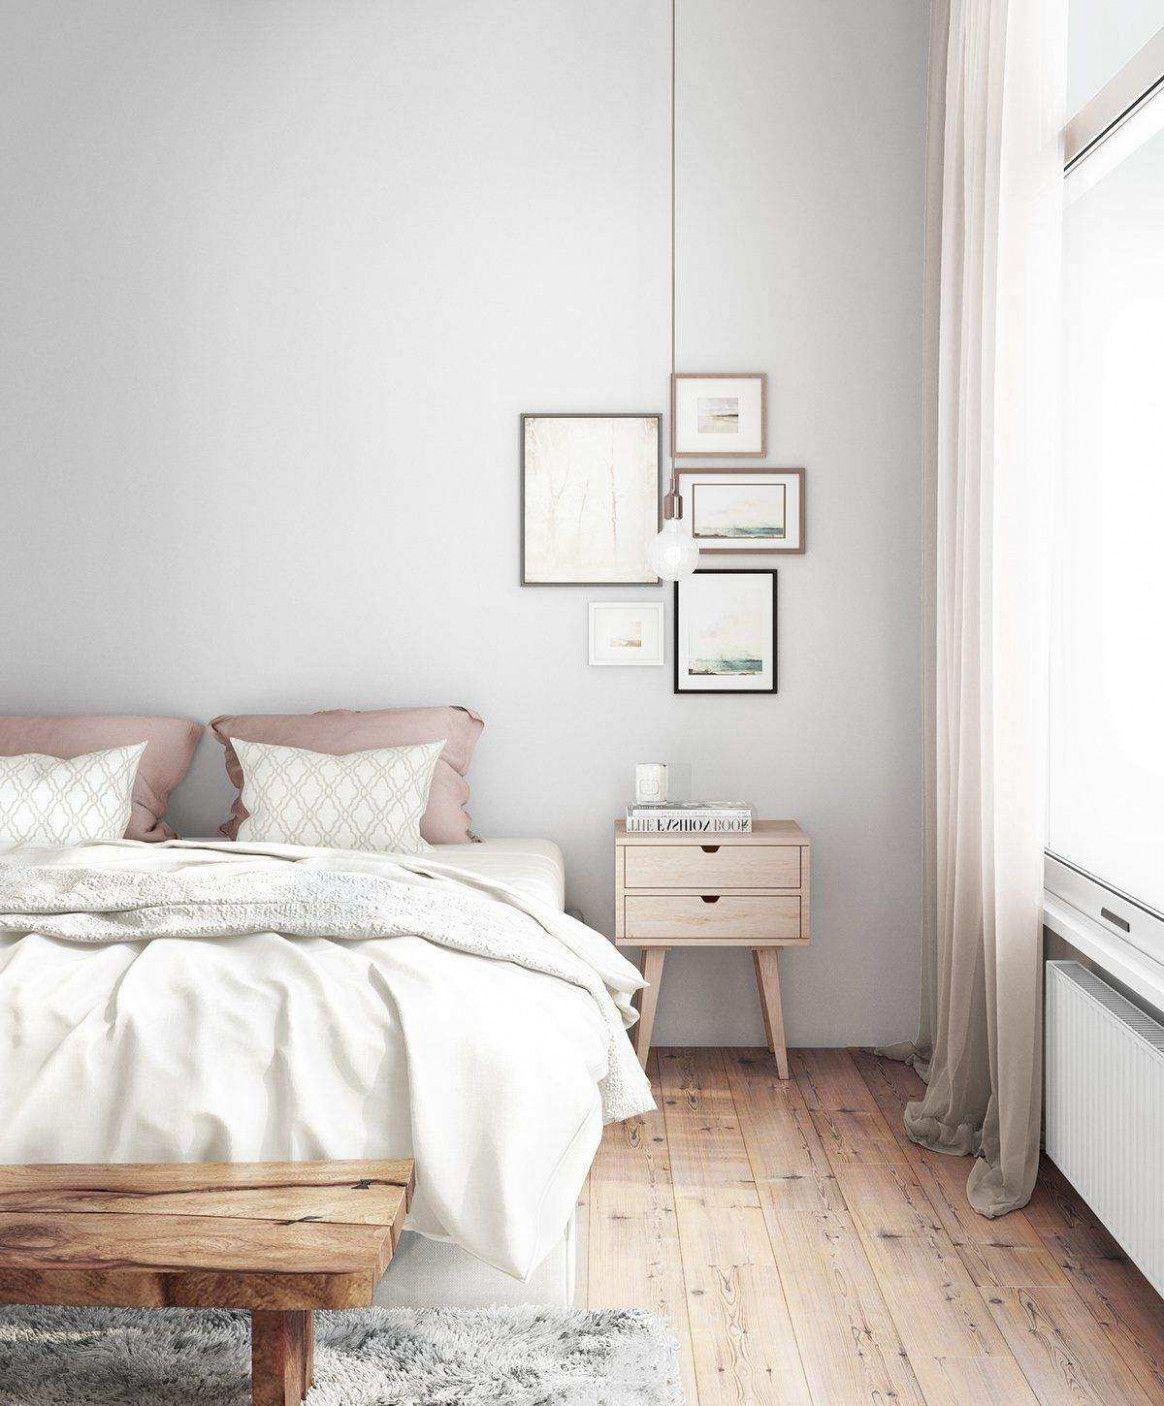 15 Unerwartete Wege Schlafzimmer Skandinavisches Design Kann Ihr Leben Verbesser 15 Unerwartete Wege Schlafzimmer Skandinavisches D In 2020 Cabinet Furniture Furniture Interior